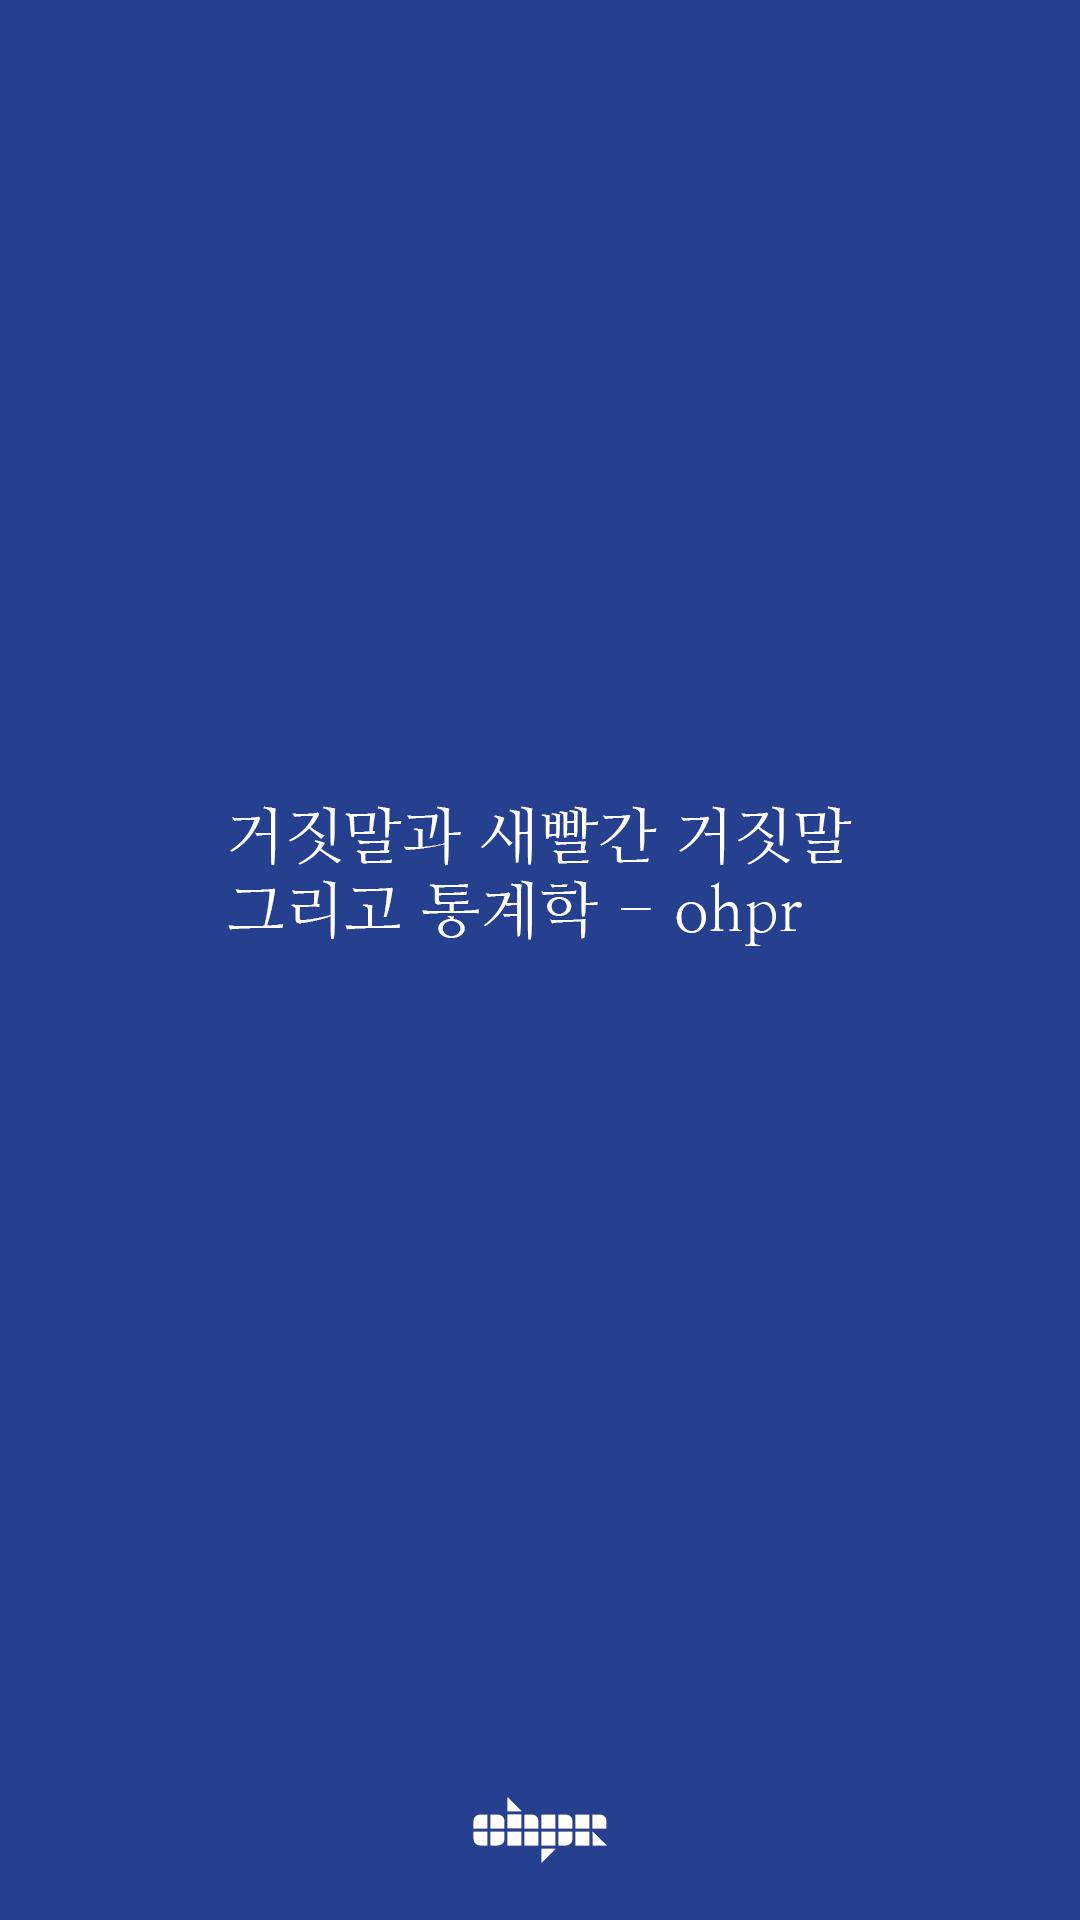 ohpr_wording18